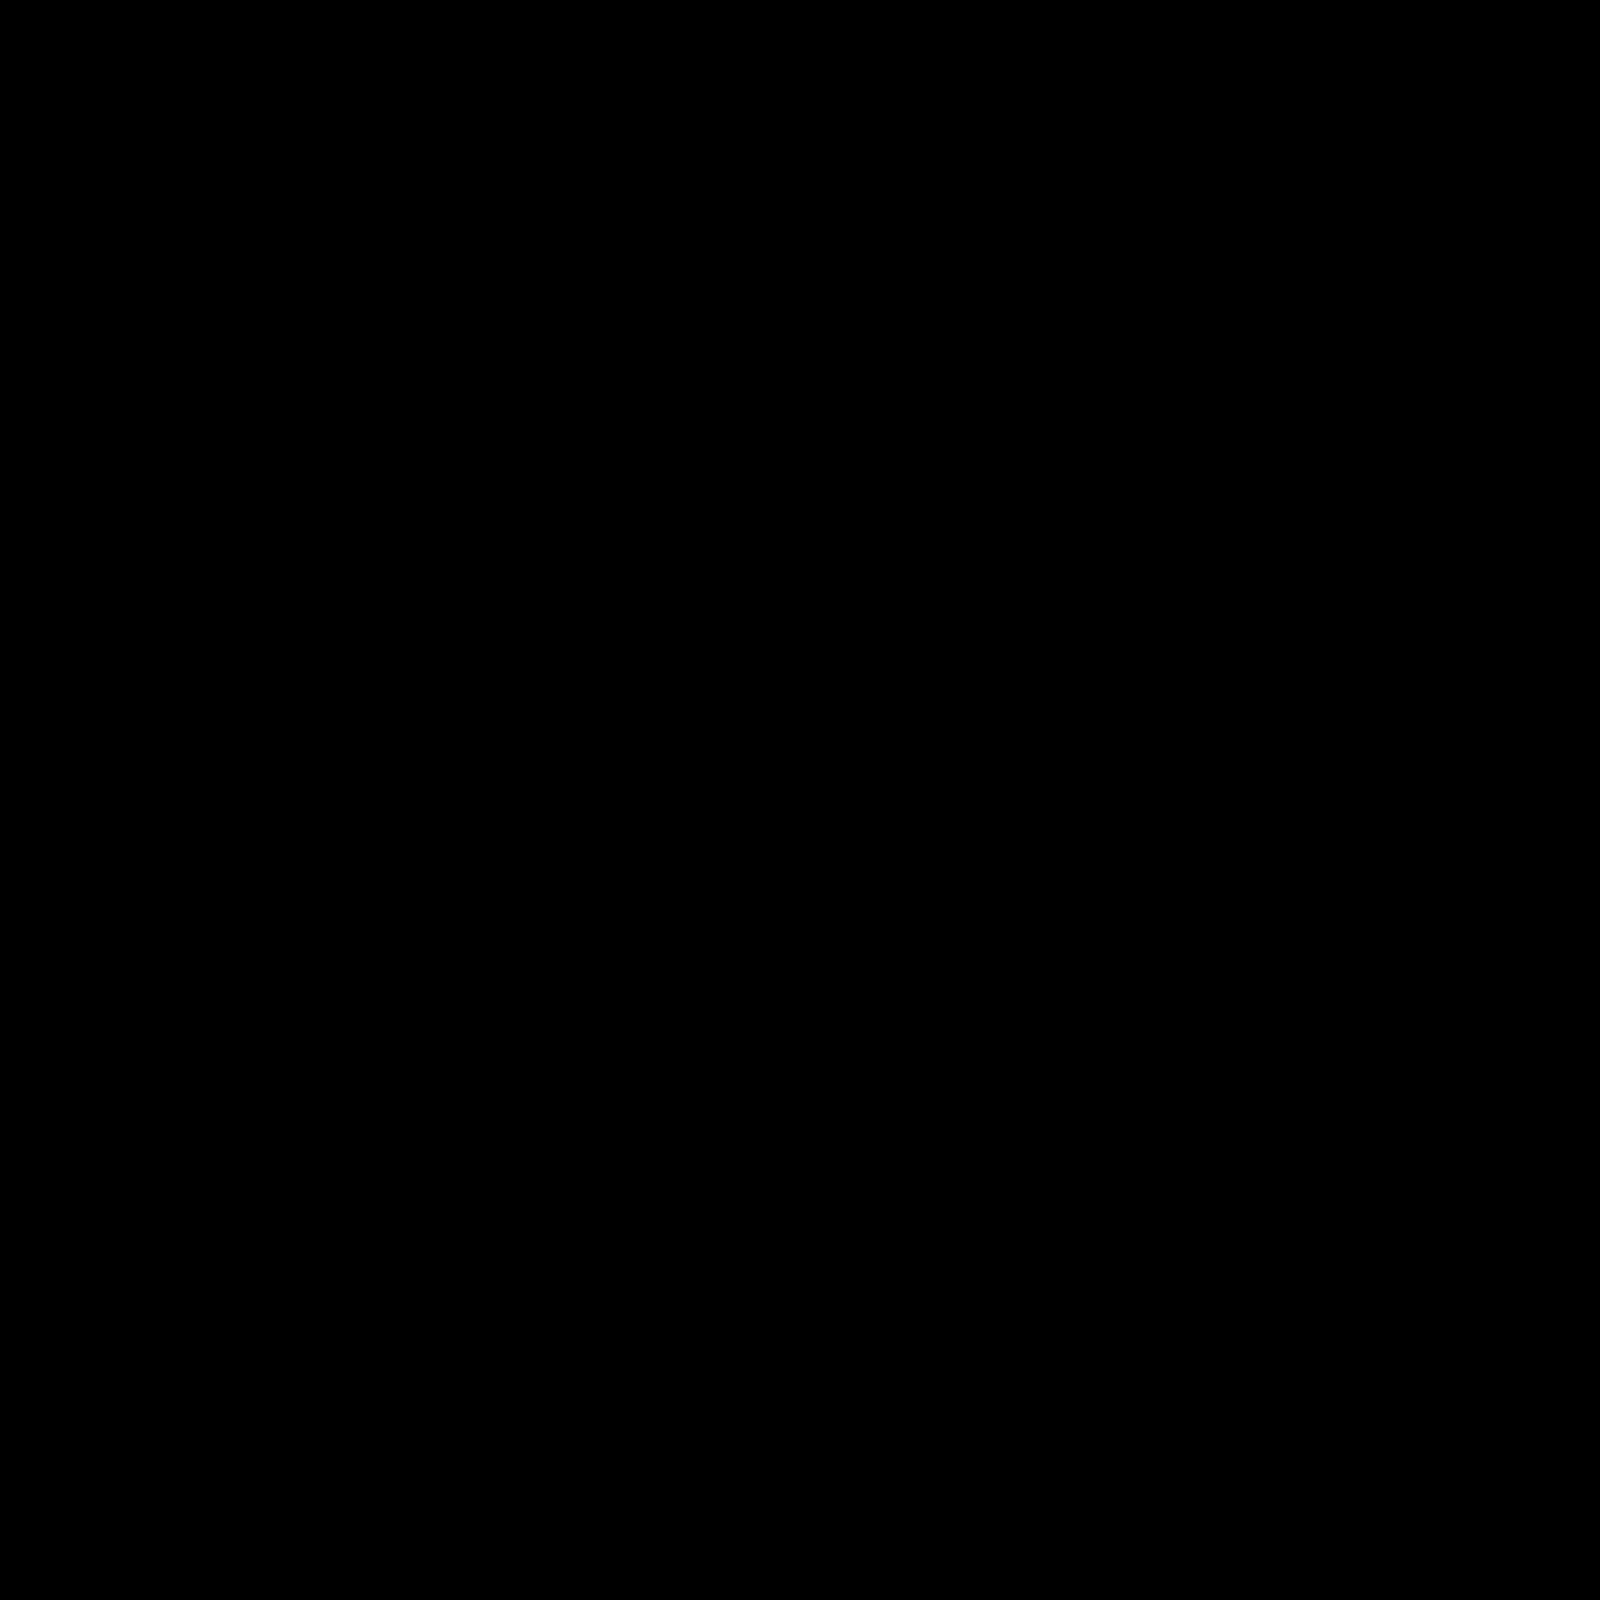 大麻叶 icon